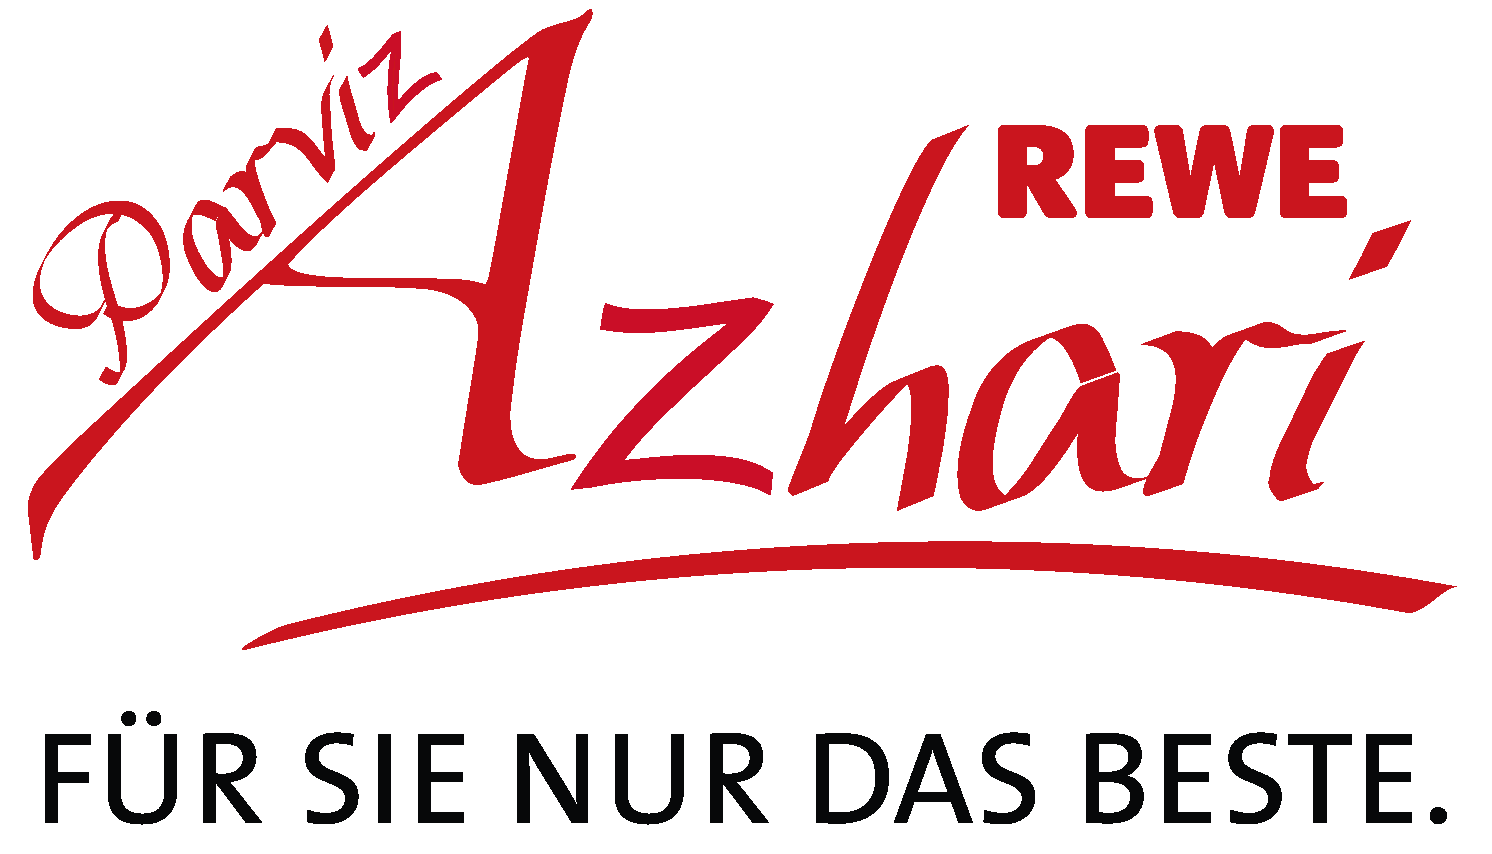 REWE Azhari